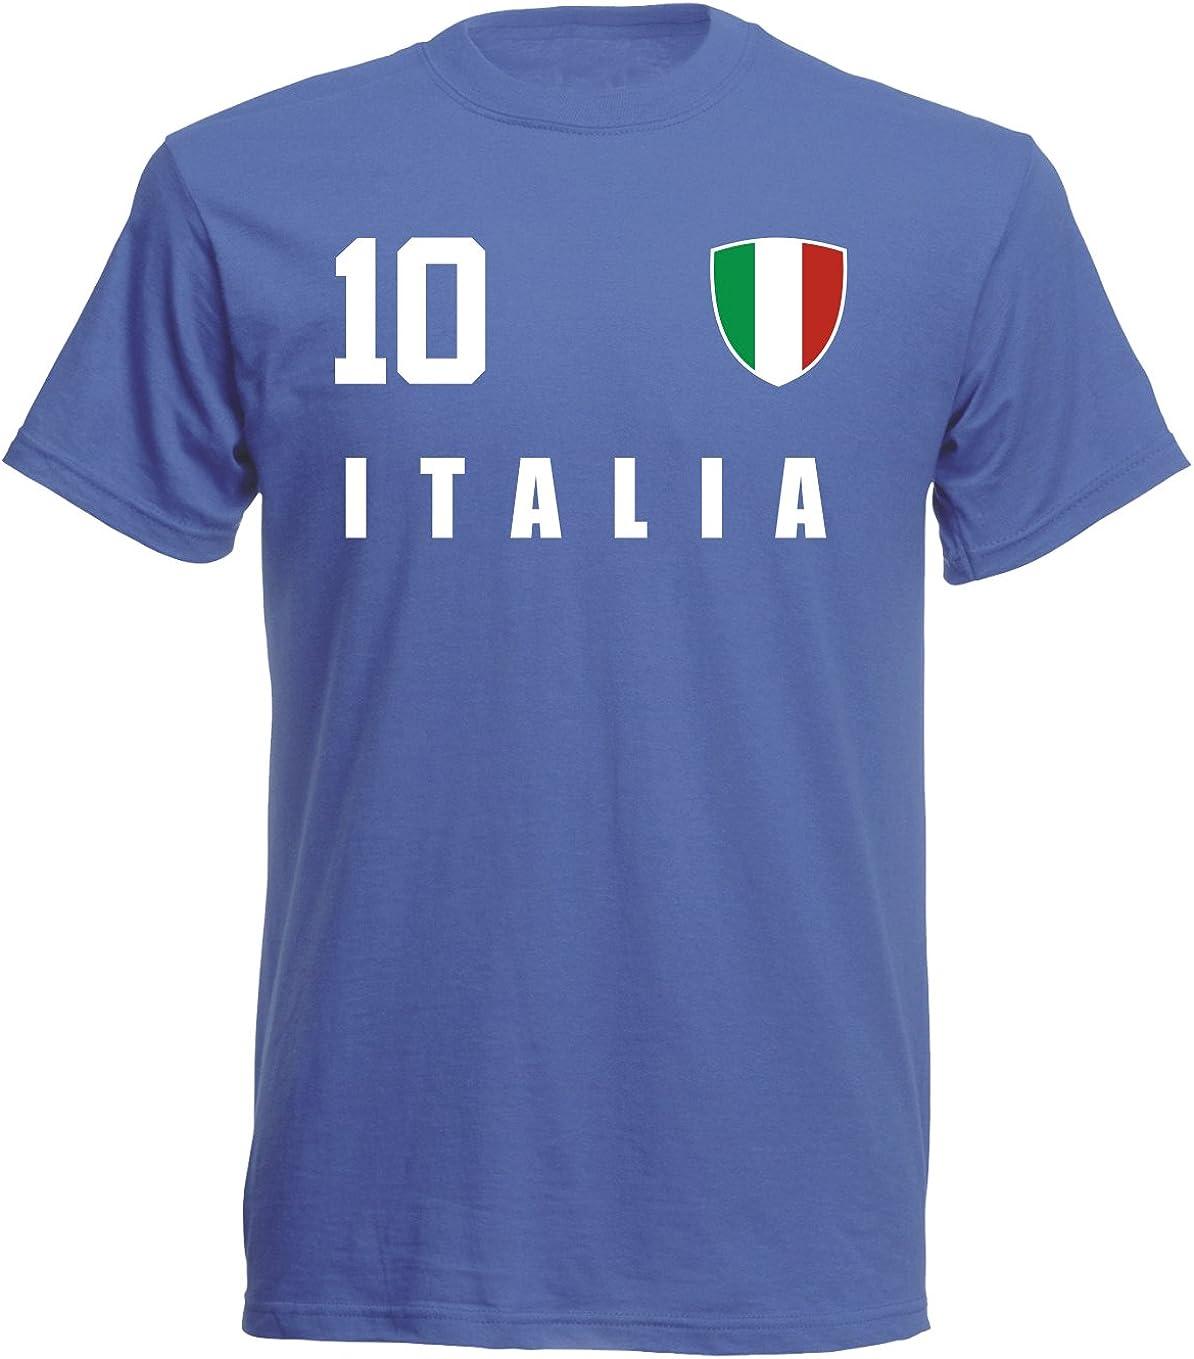 aprom Camiseta de fútbol de Italia, deporte, Royal Mundial ALL-10: Amazon.es: Ropa y accesorios